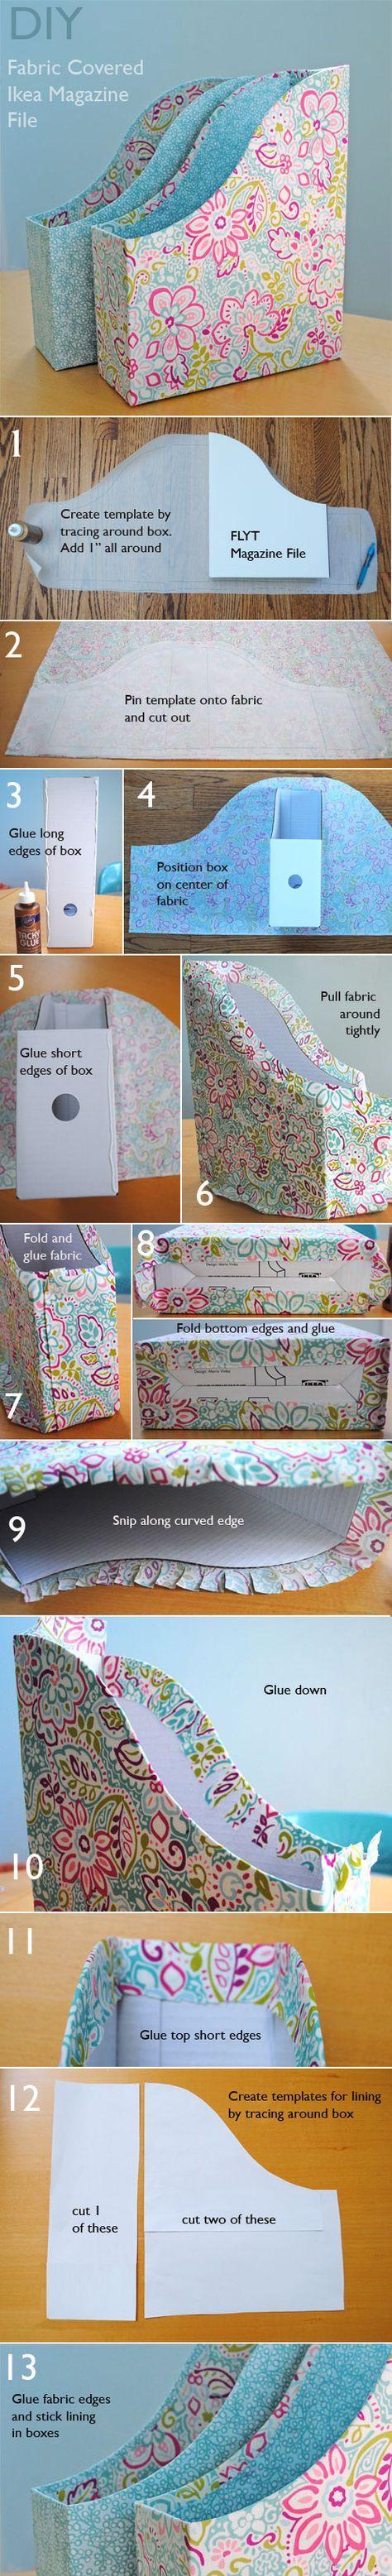 DIY: Fabric covered magazine files,LINDO PARA-SE FAZER UM FIXARIO,DE PAPELÃO ,FICOU MARAVILHOSO